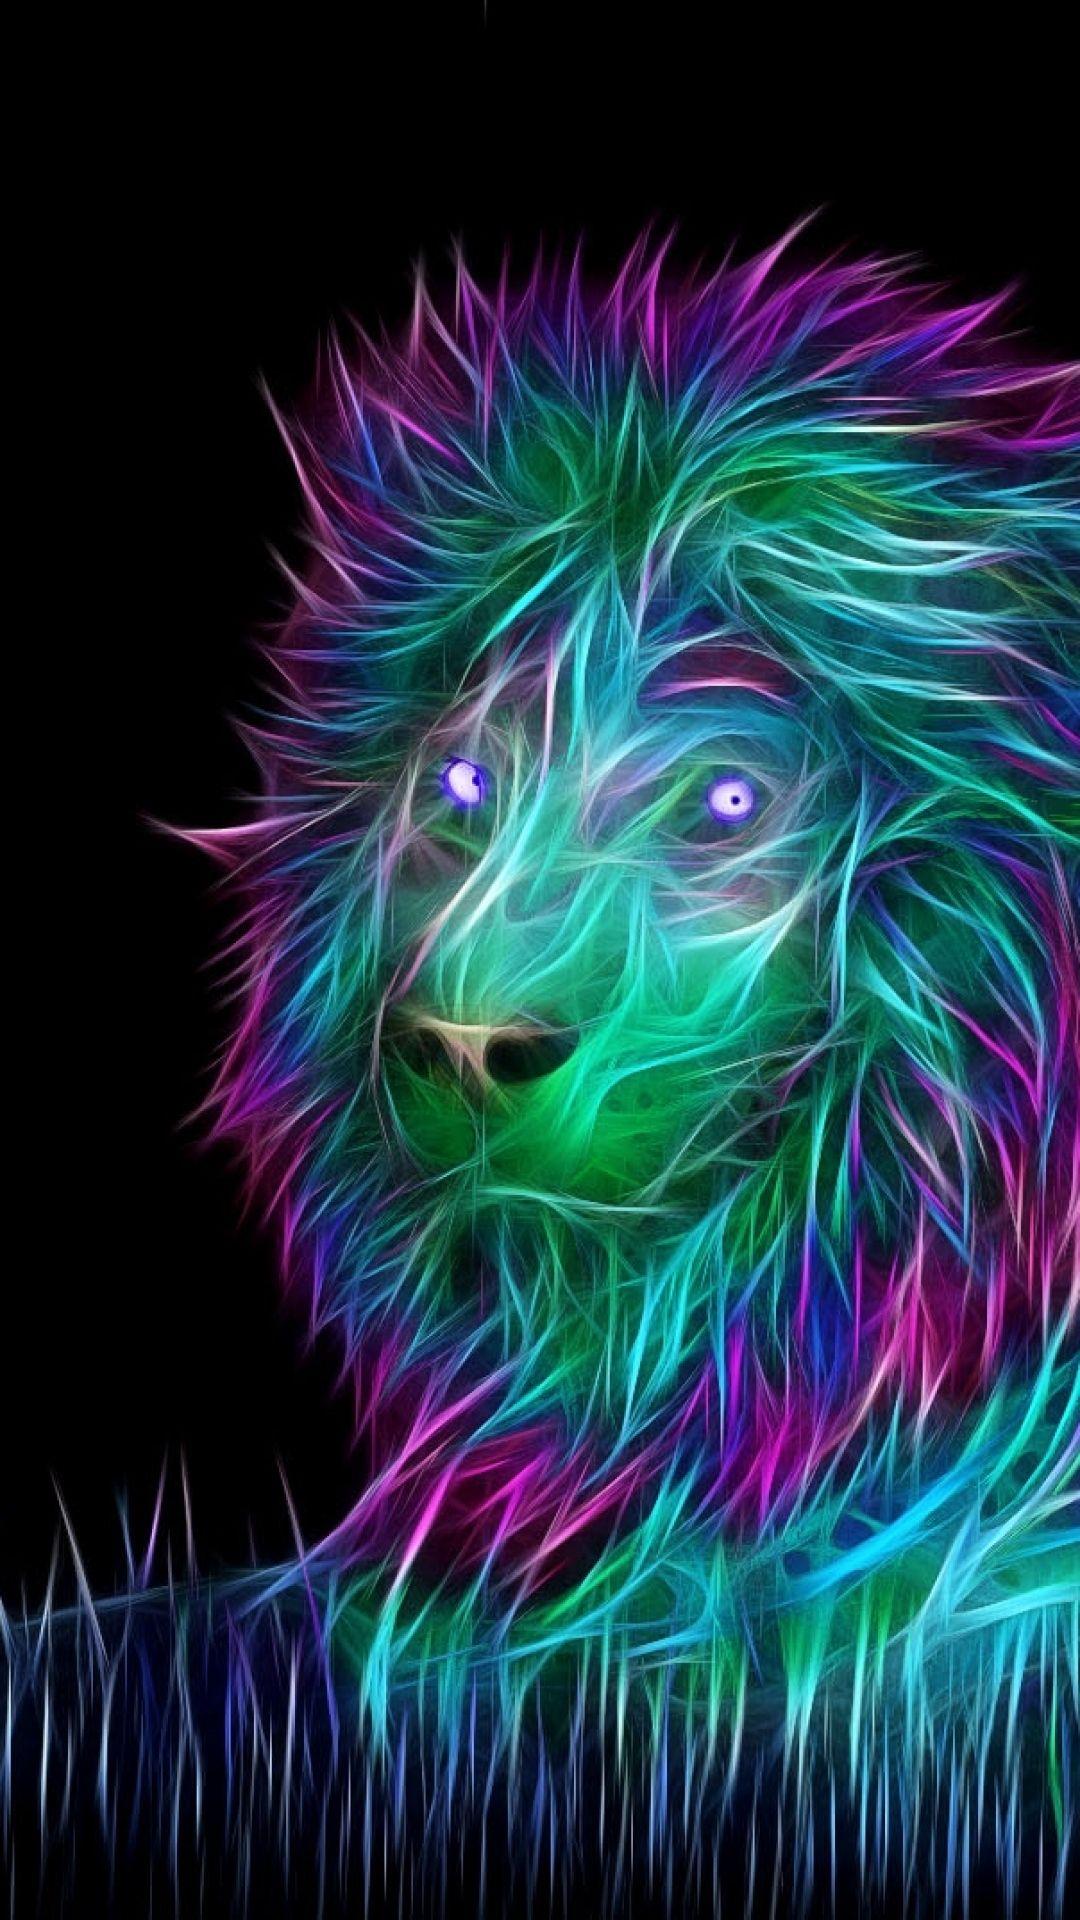 Abstract 3d art lion iphone 6 wallpaper iphone 6 8 - 3d animal wallpaper ...